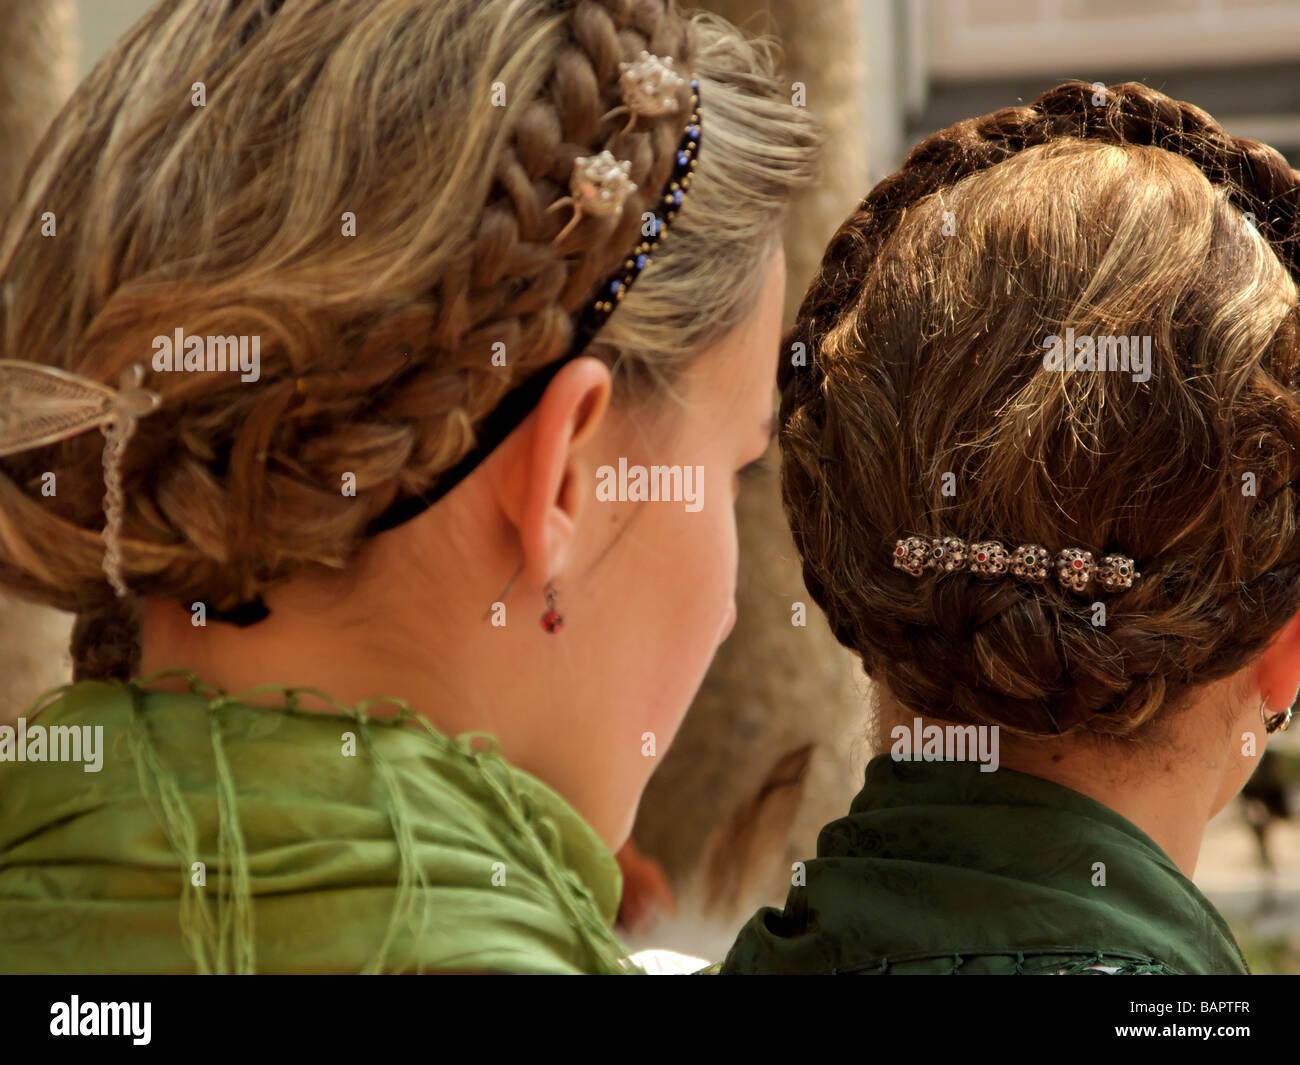 Traditionelle Frisur Bayerische Frau Deutschlands Stockfoto Bild